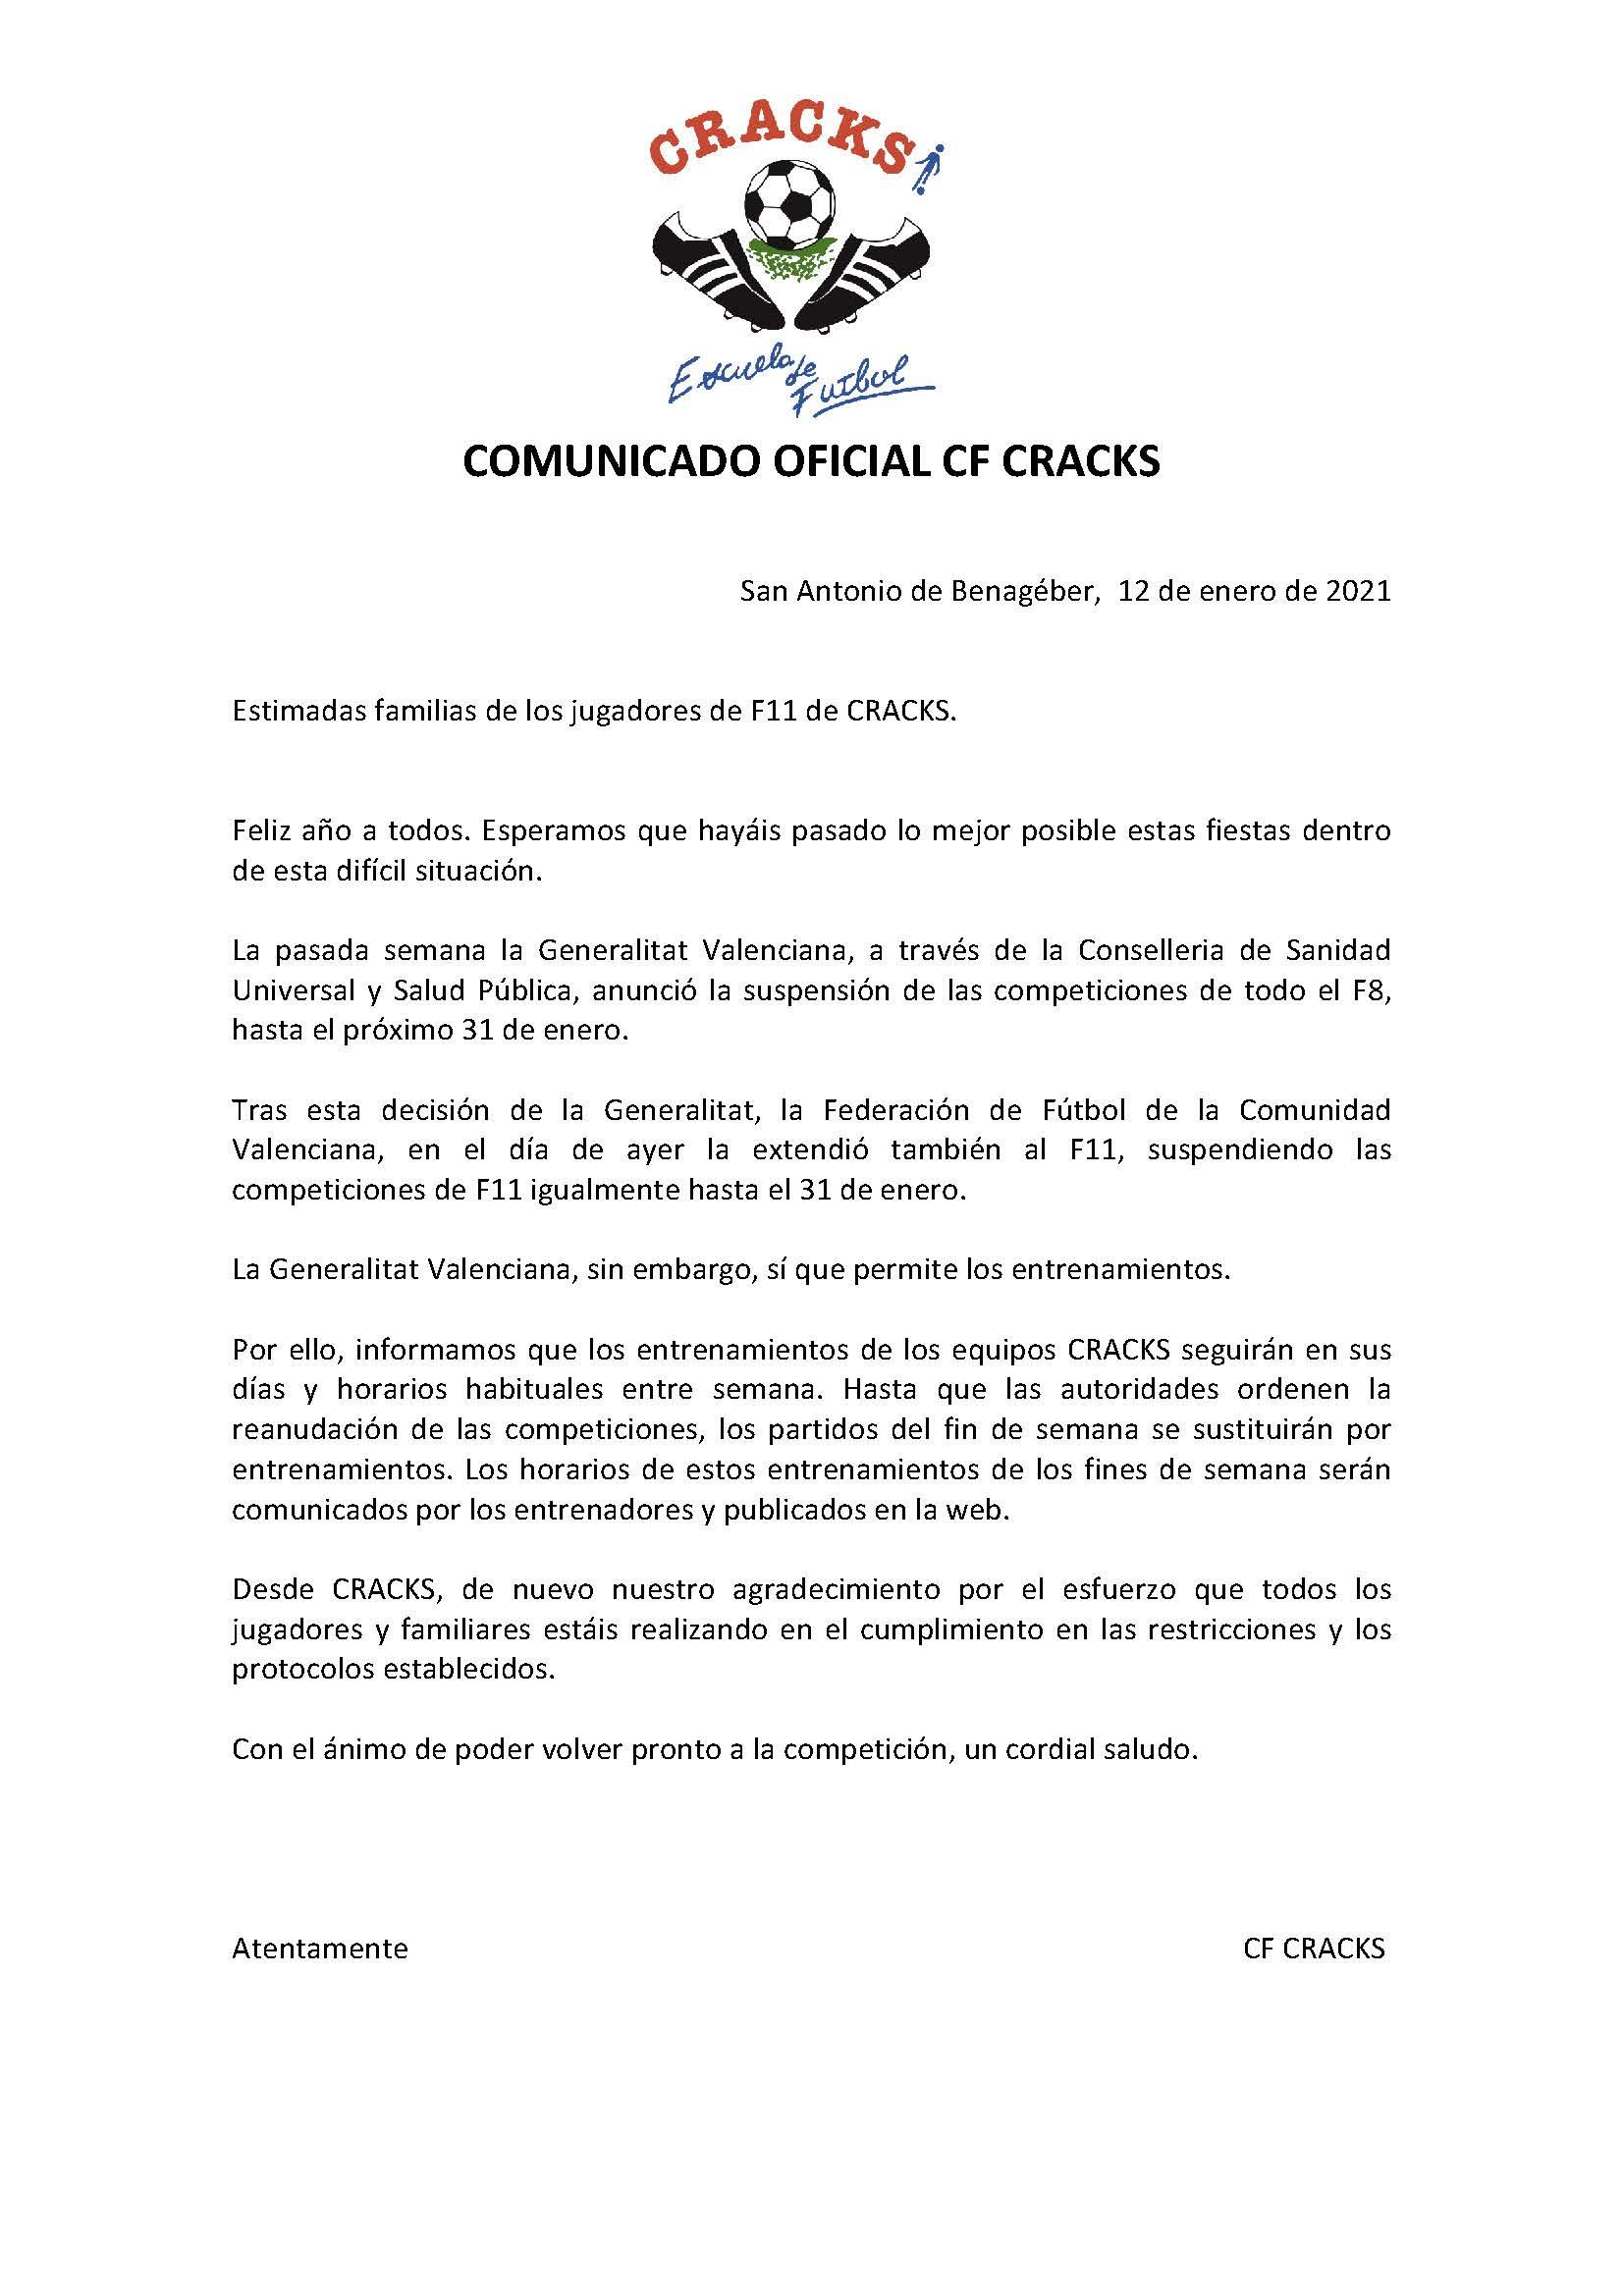 COMUNICADO 7 COVID 19